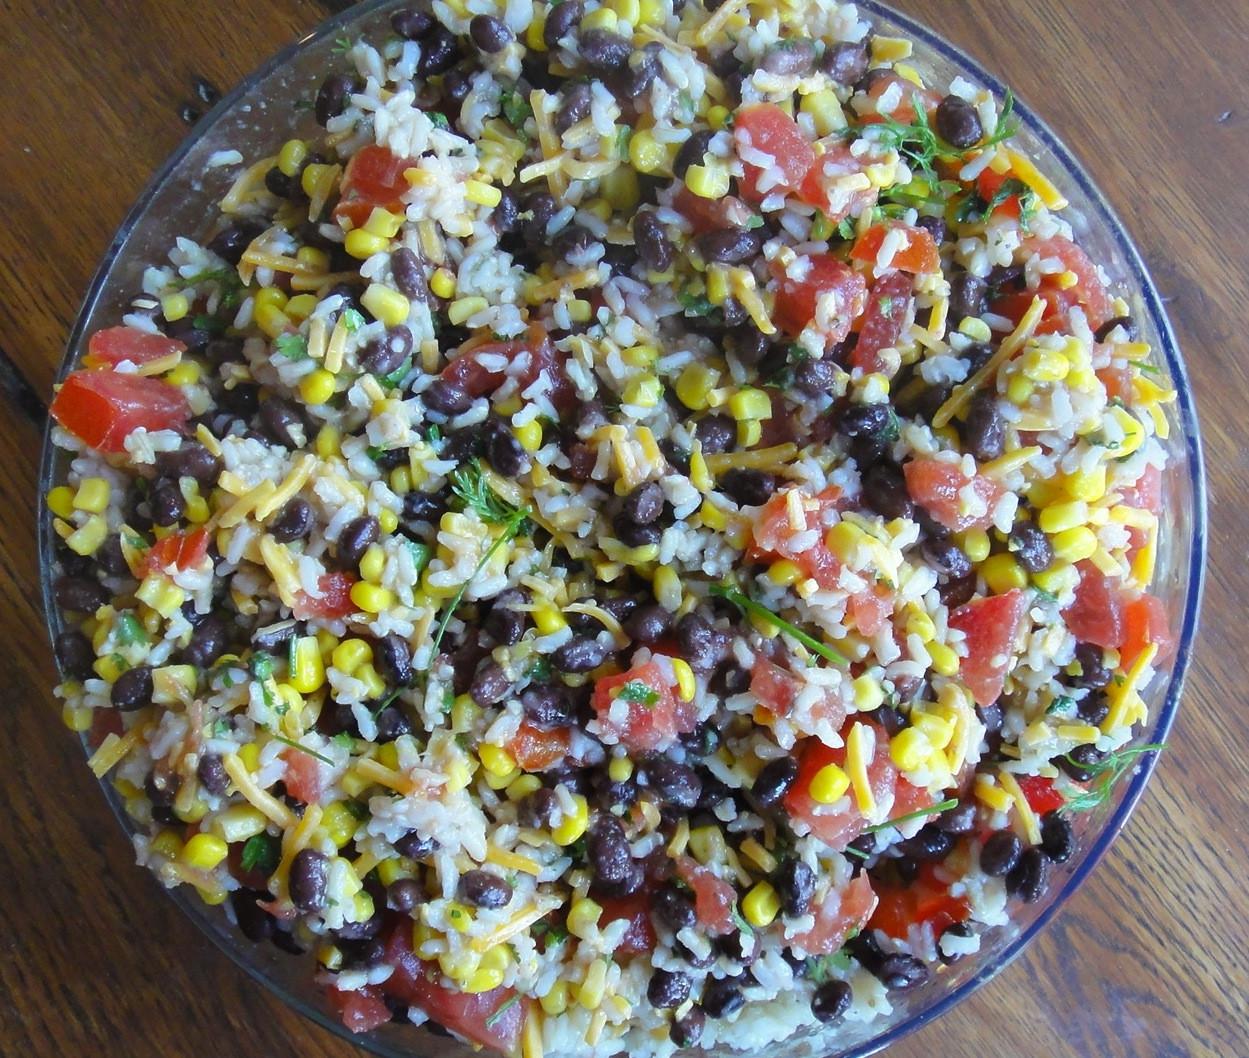 Cold Vegetarian Potluck Recipes  20 Healthy Summer Potluck Recipes